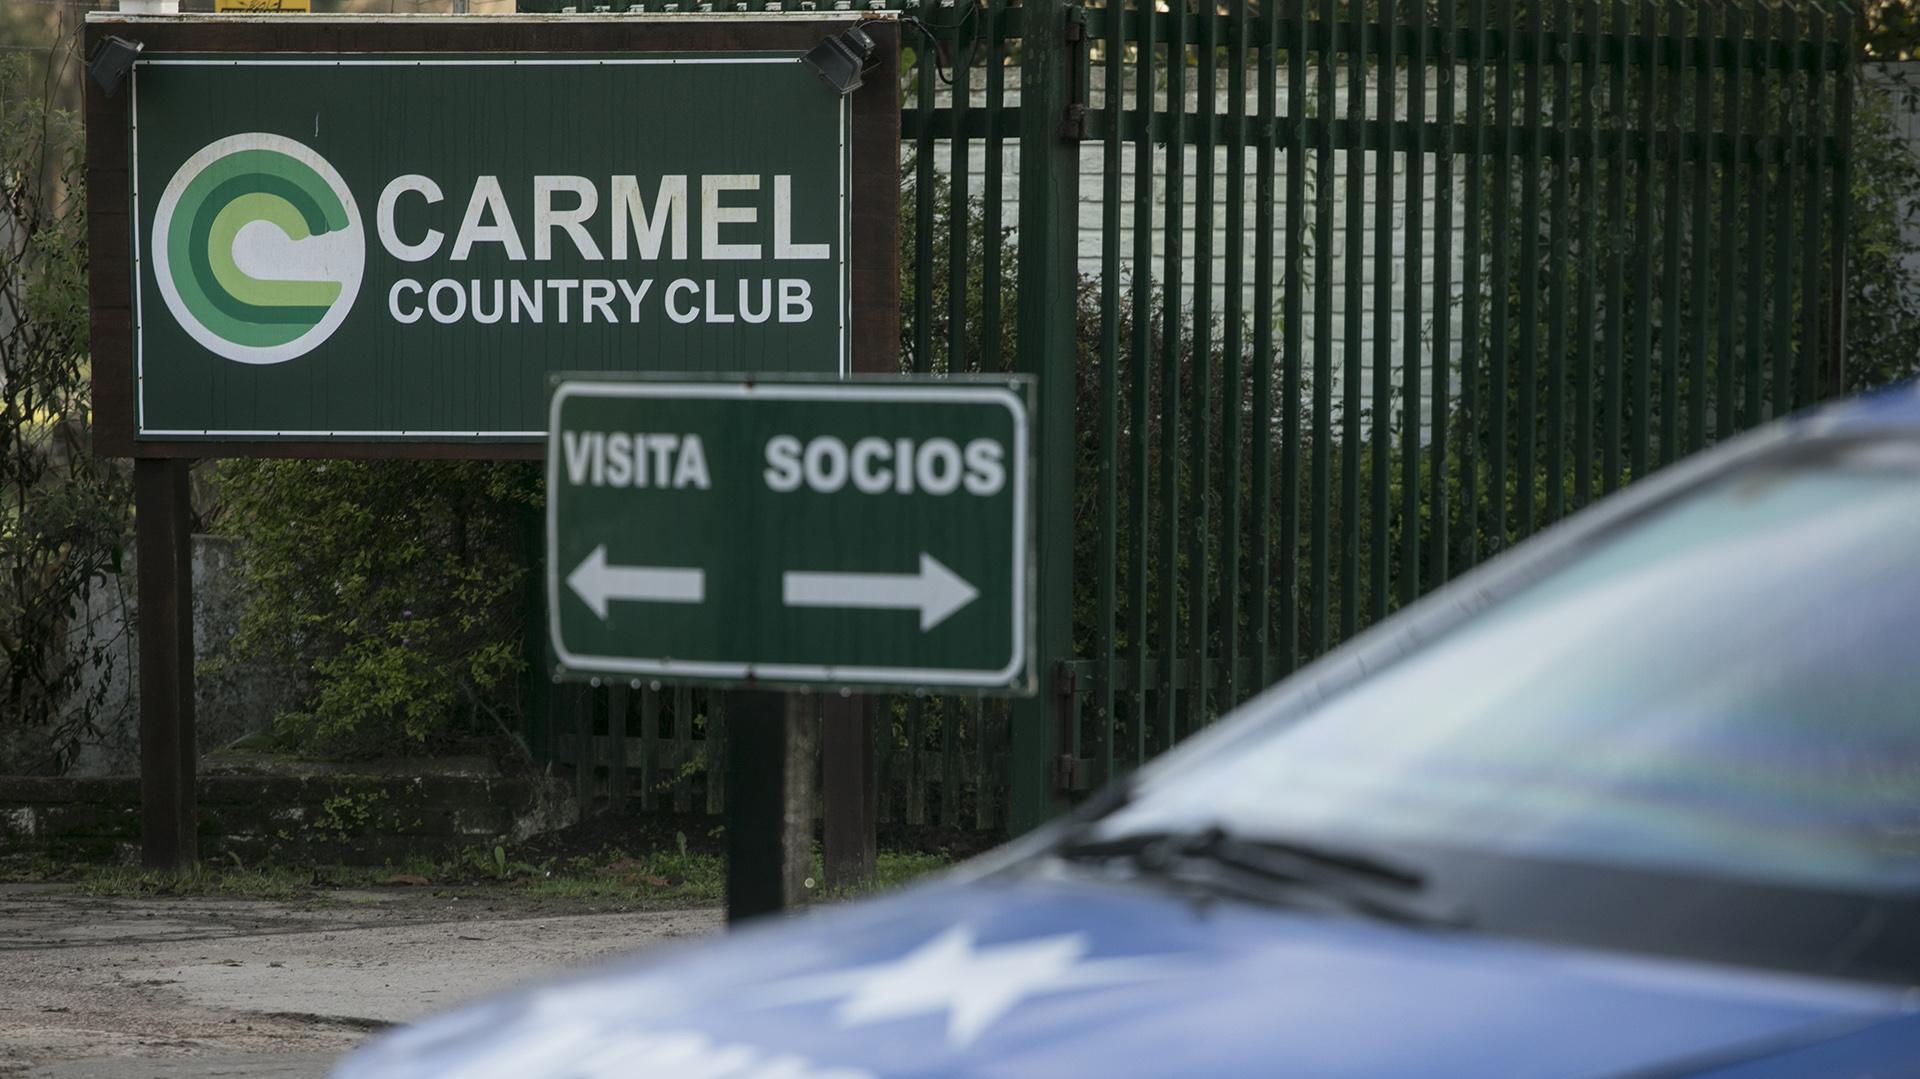 La reconstrucción se lleva a cabo en El Carmel Country Club (Alberto Raggio)